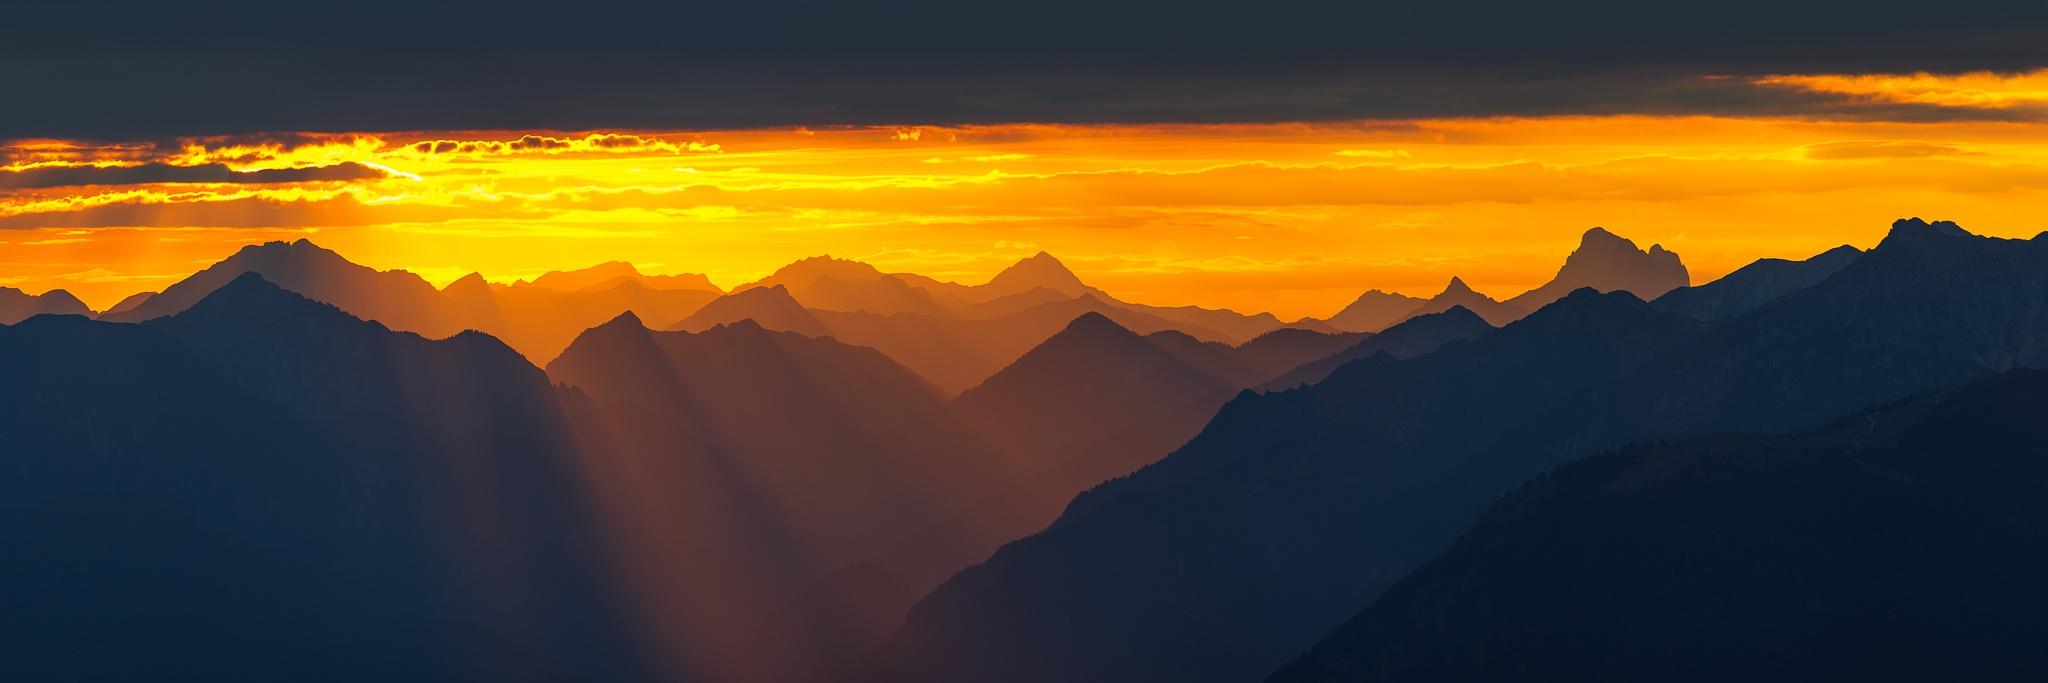 Bergtour im Soierngebirge bei geschlossener Wolkendecke. Kurz vor Sonnenuntergang öffnete sich über Garmisch-Partenkirchen bis ins Außerfern ein Wolkenfenster und die volle Kraft der Sonne erstrahlt das Loisachtal.